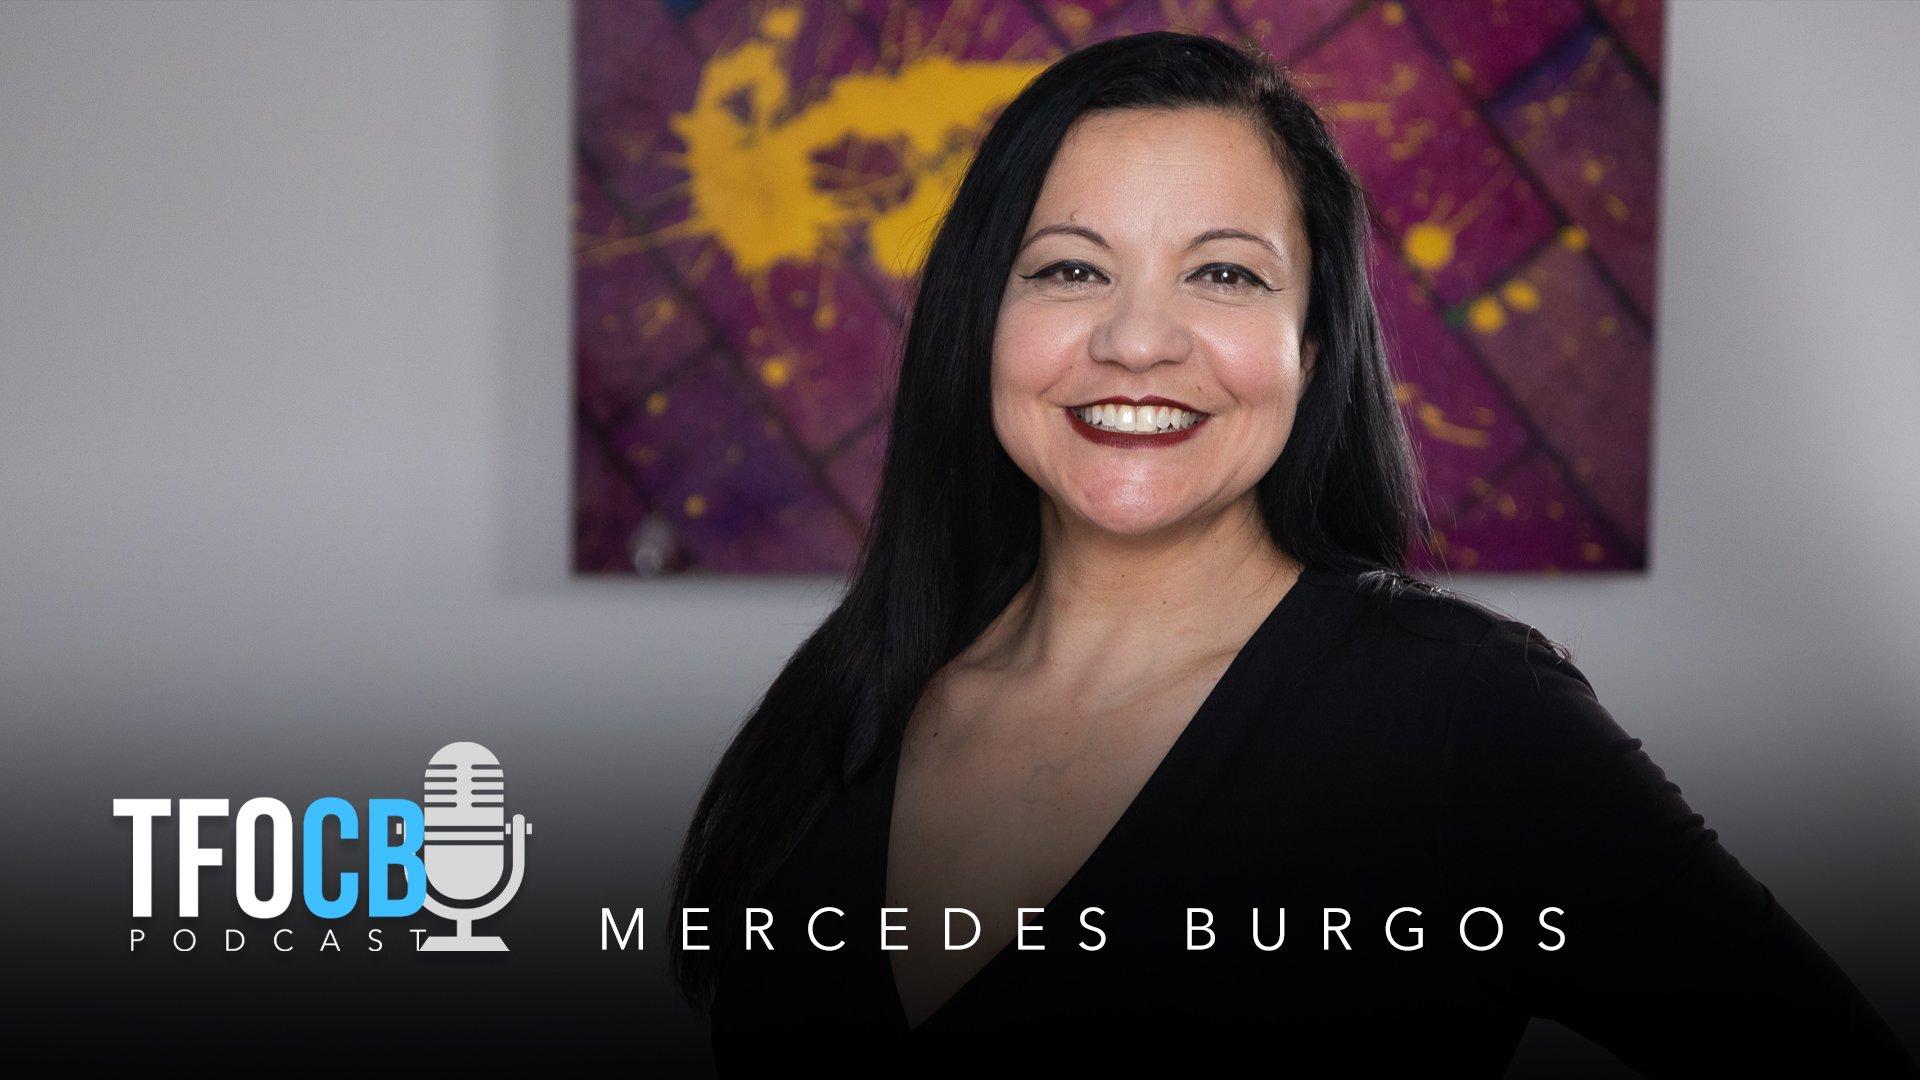 tfocb podcast cover mercedes burgos